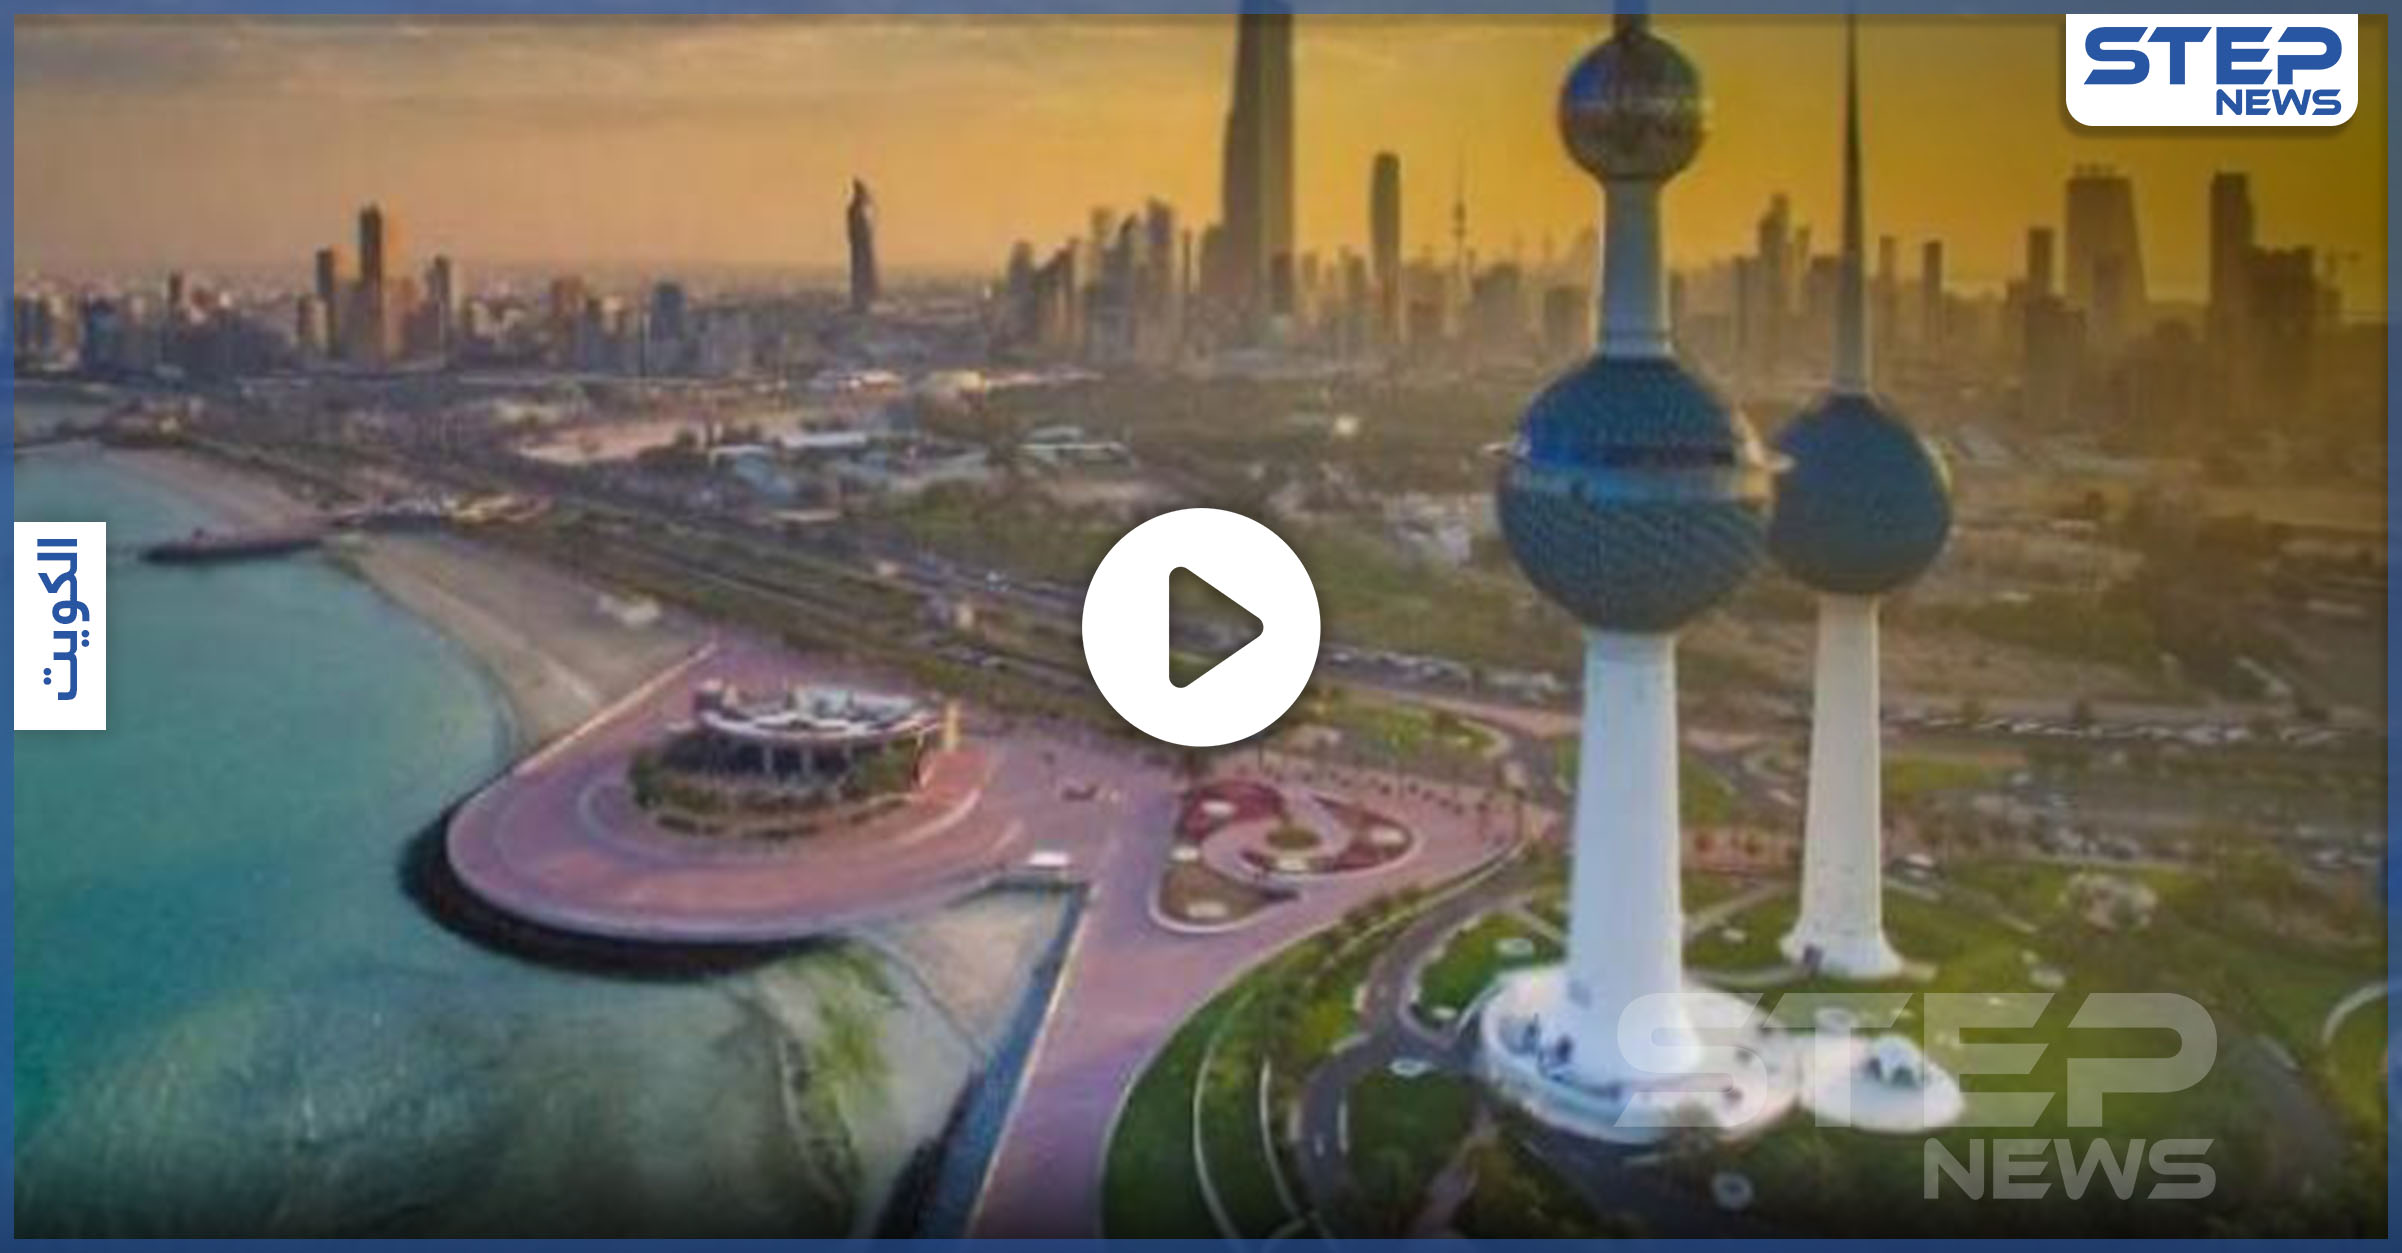 مسلح يطلق النار على شخصية أمنية في الكويت ثم ينتحر